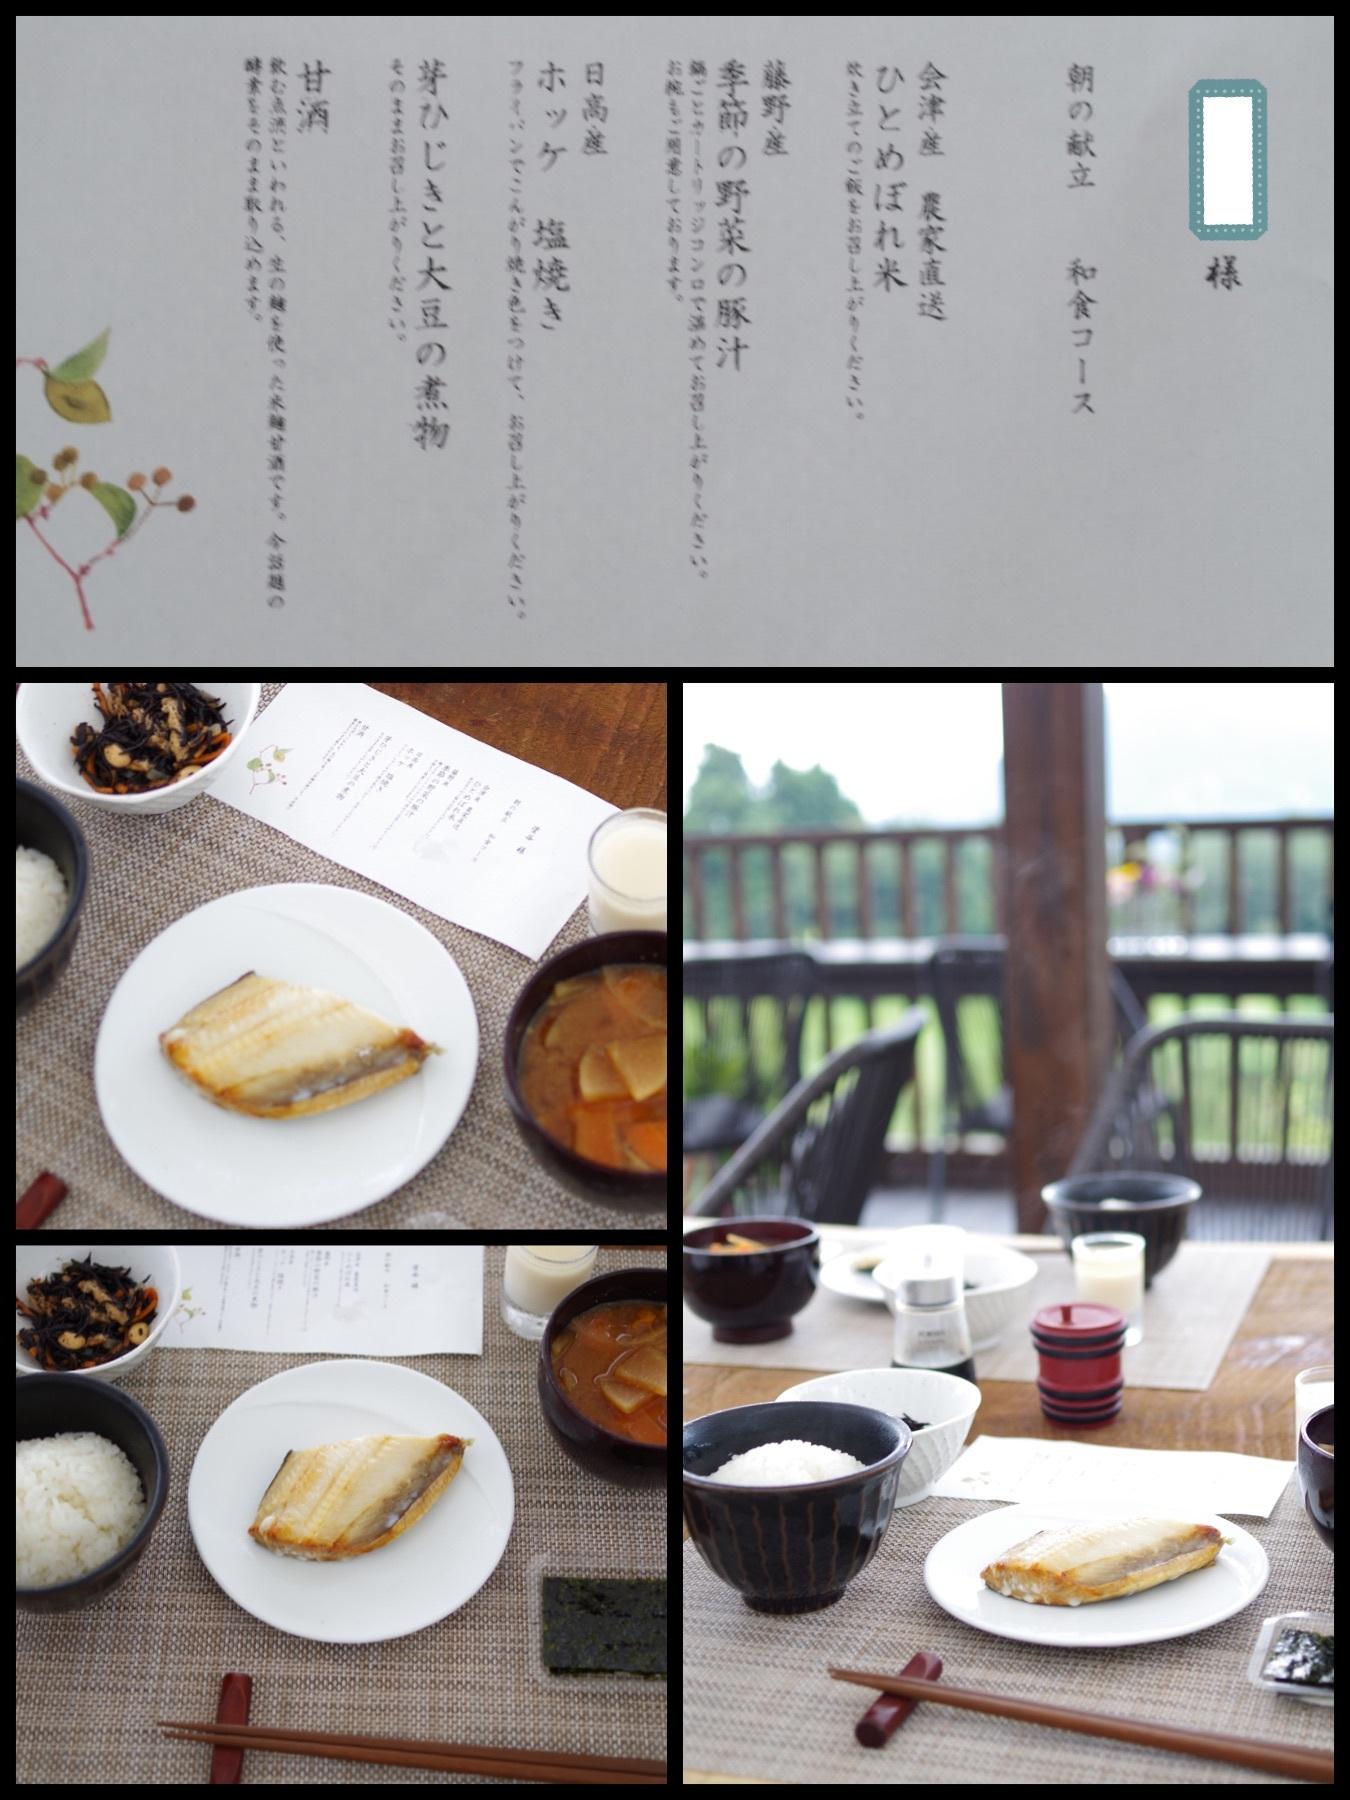 相模原の新グランピング施設「里楽巣(リラックス)FUJINO」RURI朝食